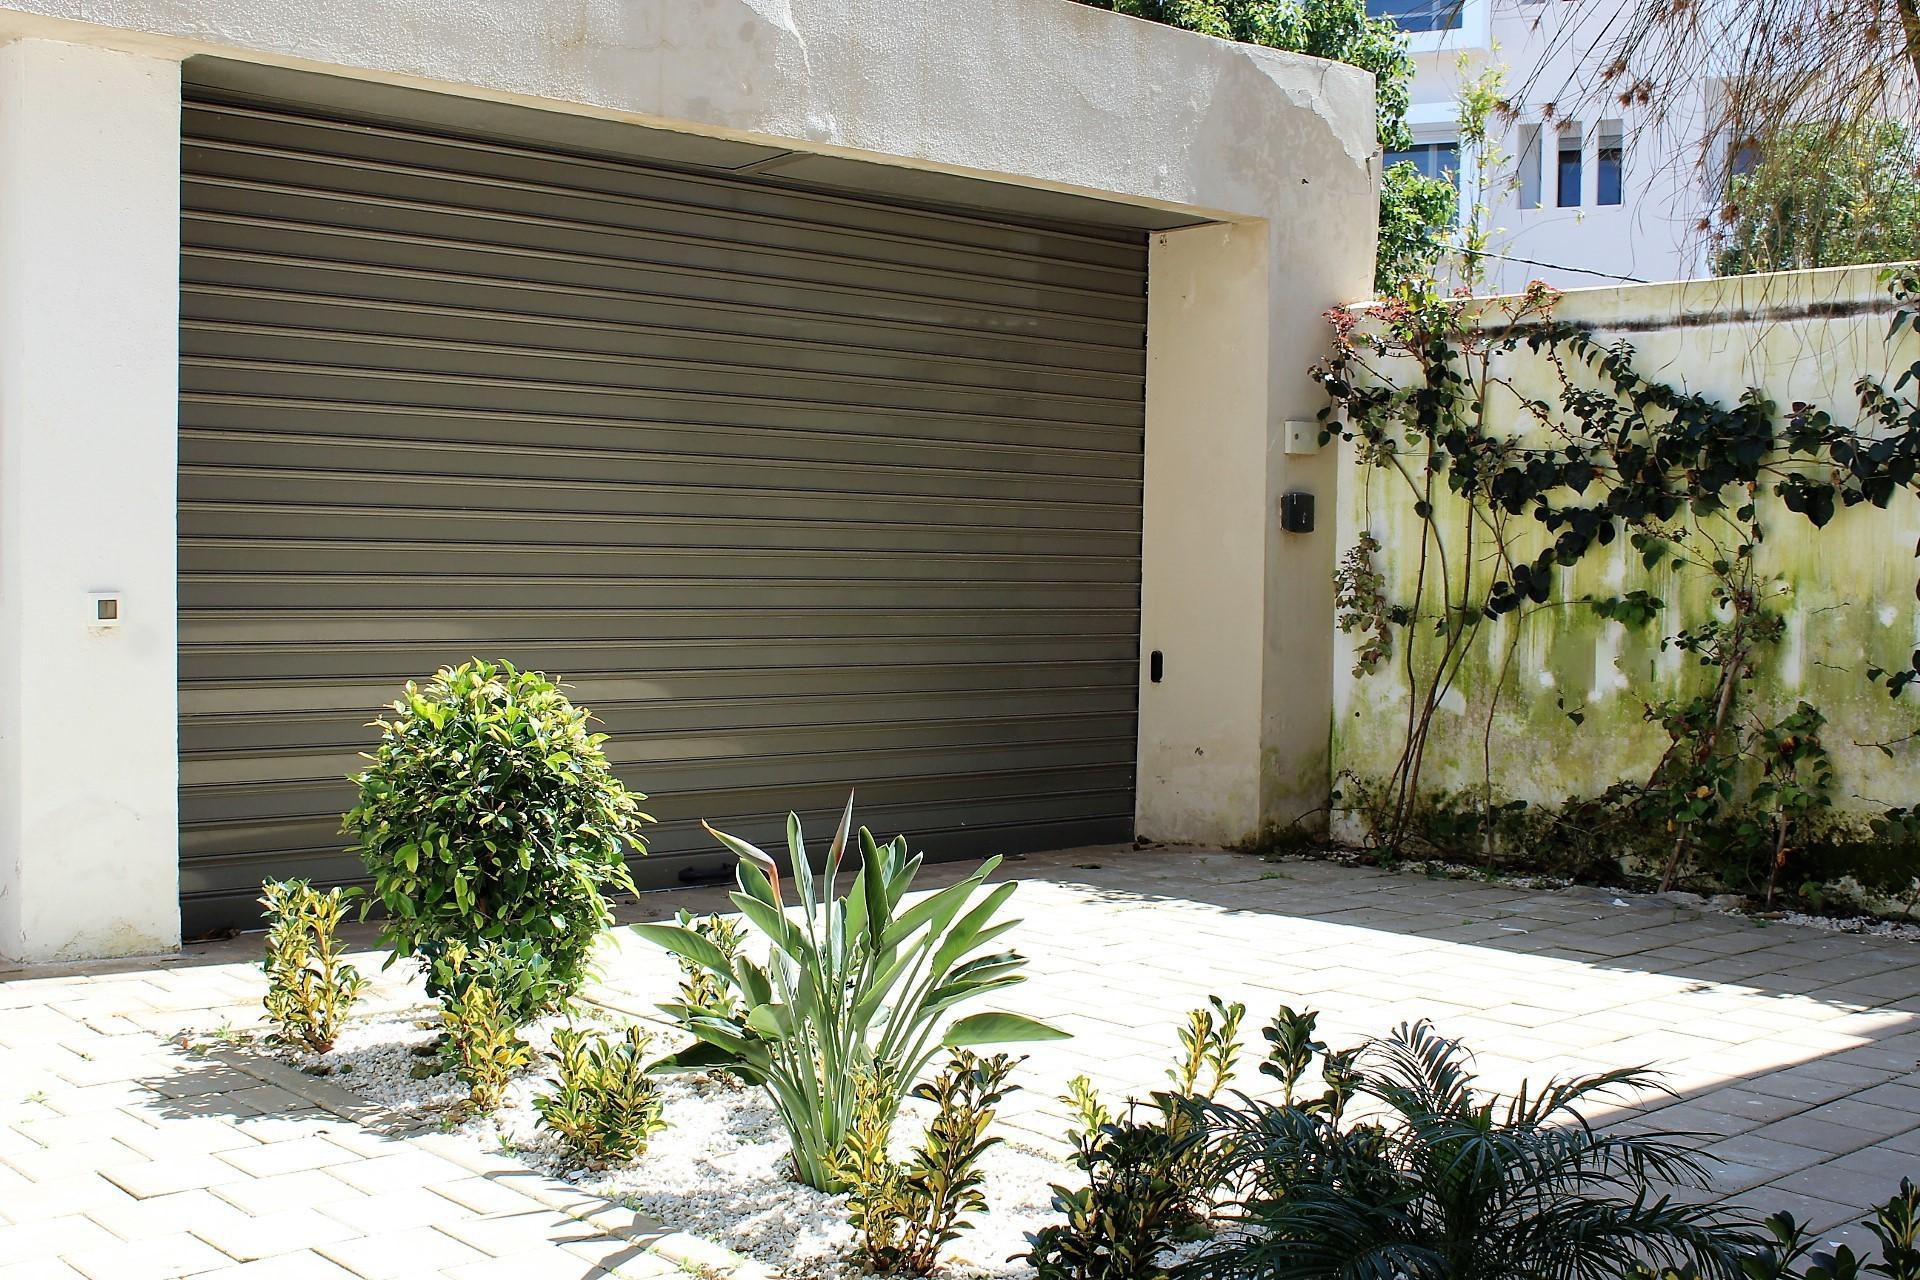 Maroc, Casablanca sud secteur Sidi Maarouf, à acheter villa (avec une façade de 11m) en parfait état implantée sur un terrain de 275 m²